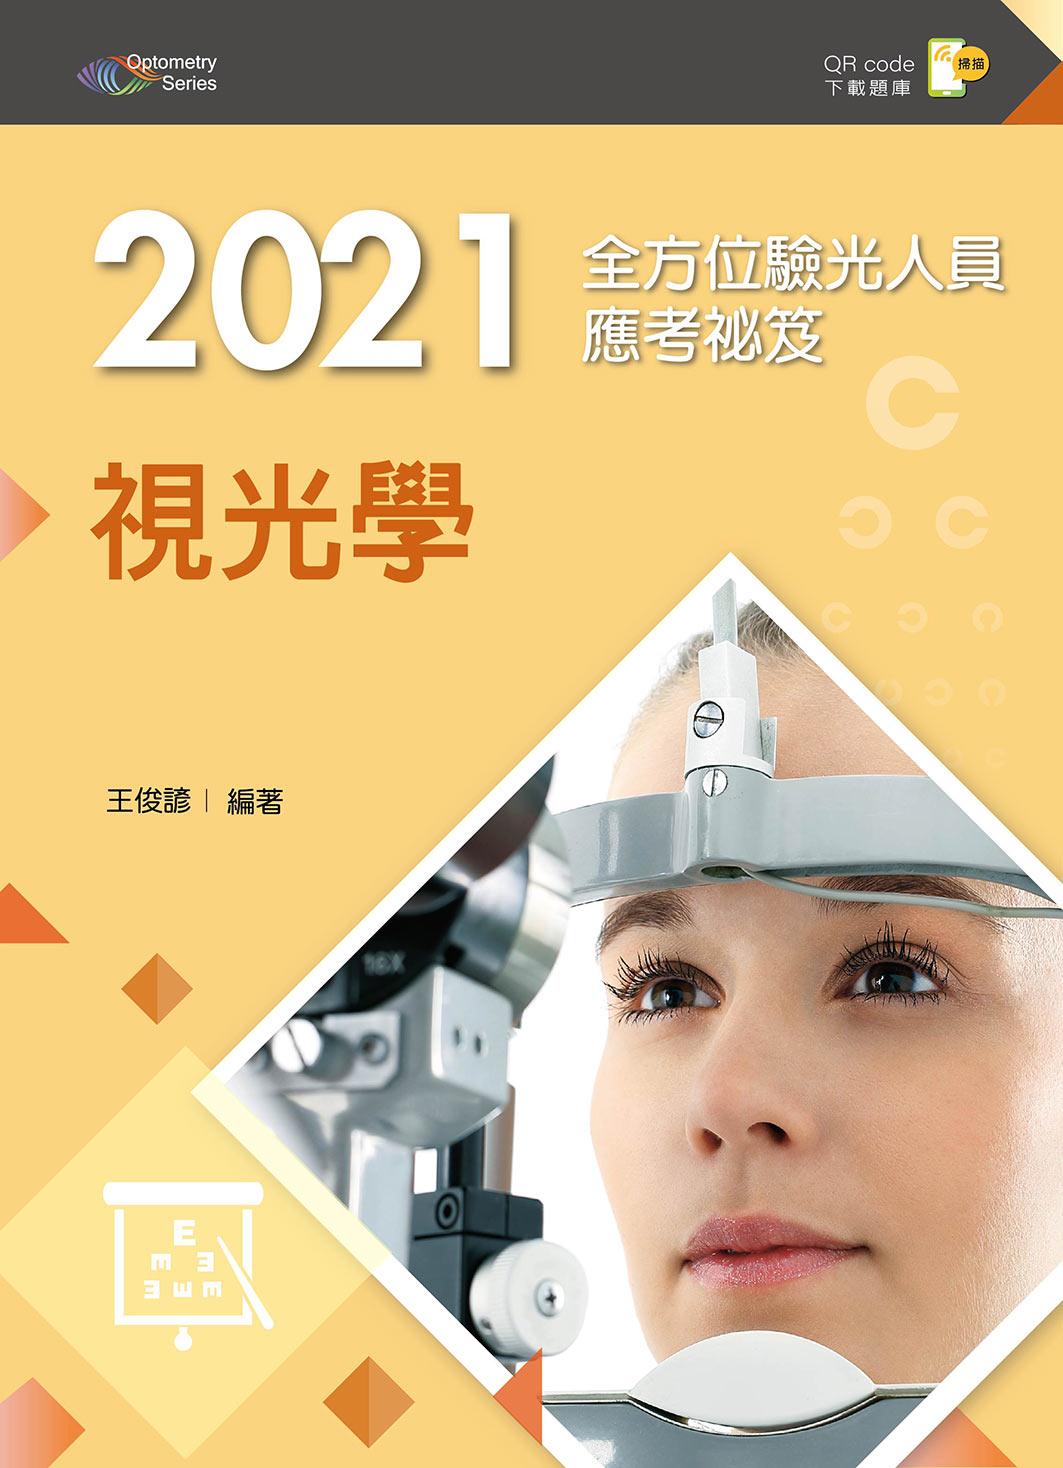 2021全方位驗光人員應考祕笈──視光學